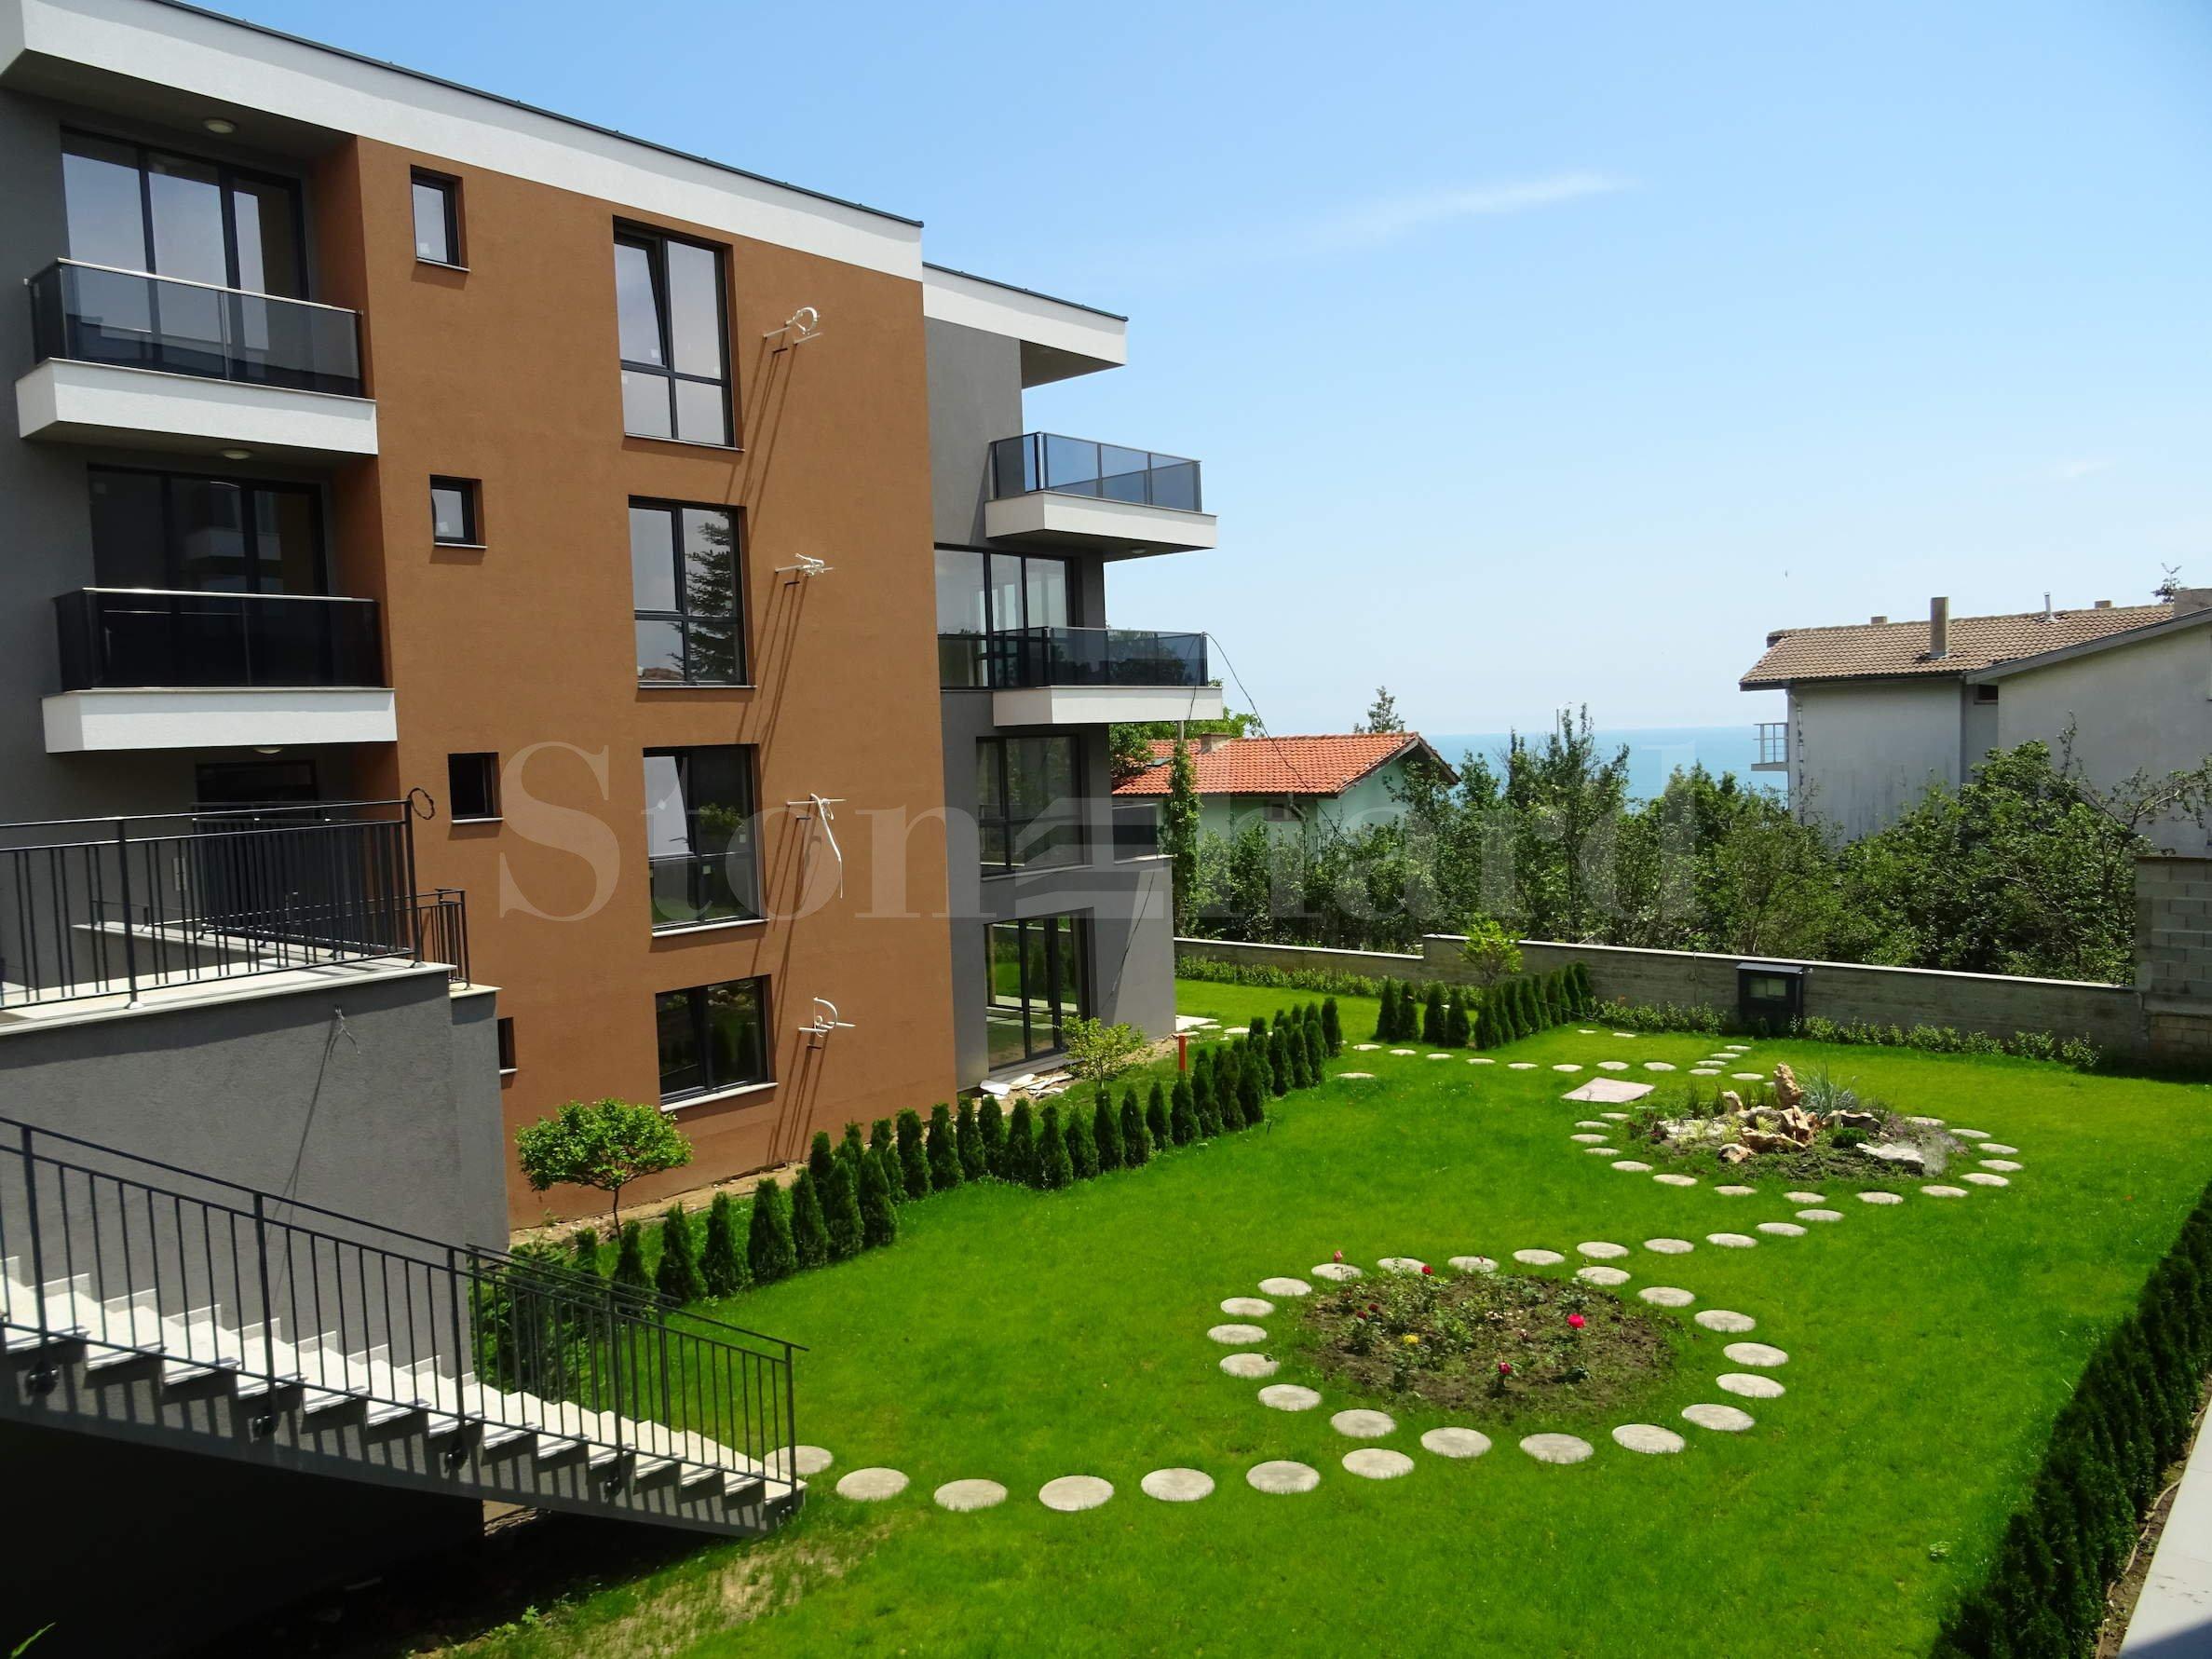 Модерен жилищен проект в м-т Траката, гр. Варна2 - Stonehard